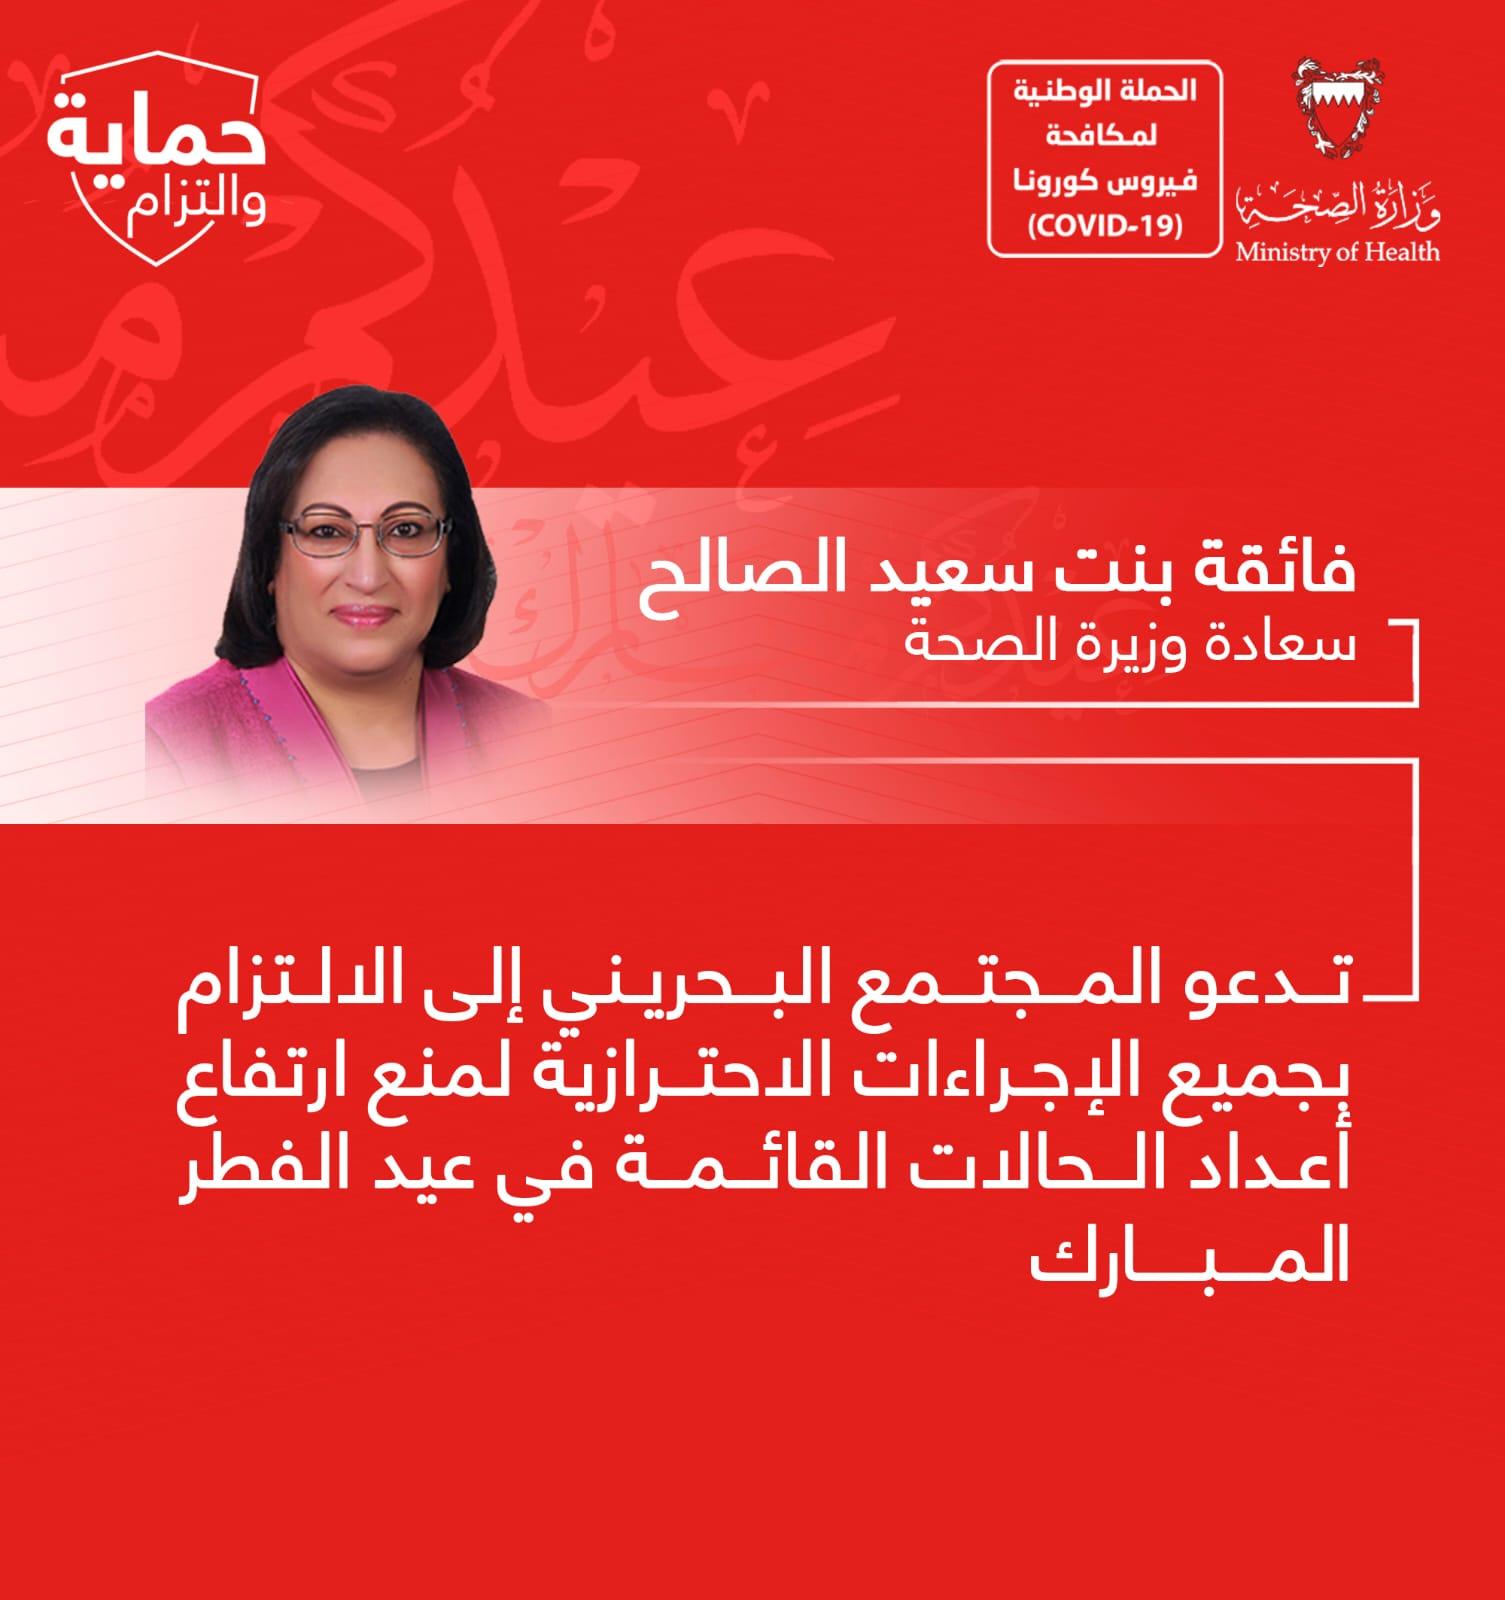 وزيرة الصحة: تدعو المجتمع البحريني إلى الالتزام بجميع الإجراءات الاحترازية لمنع ارتفاع أعداد الحالات القائمة في عيد الفطر المبارك